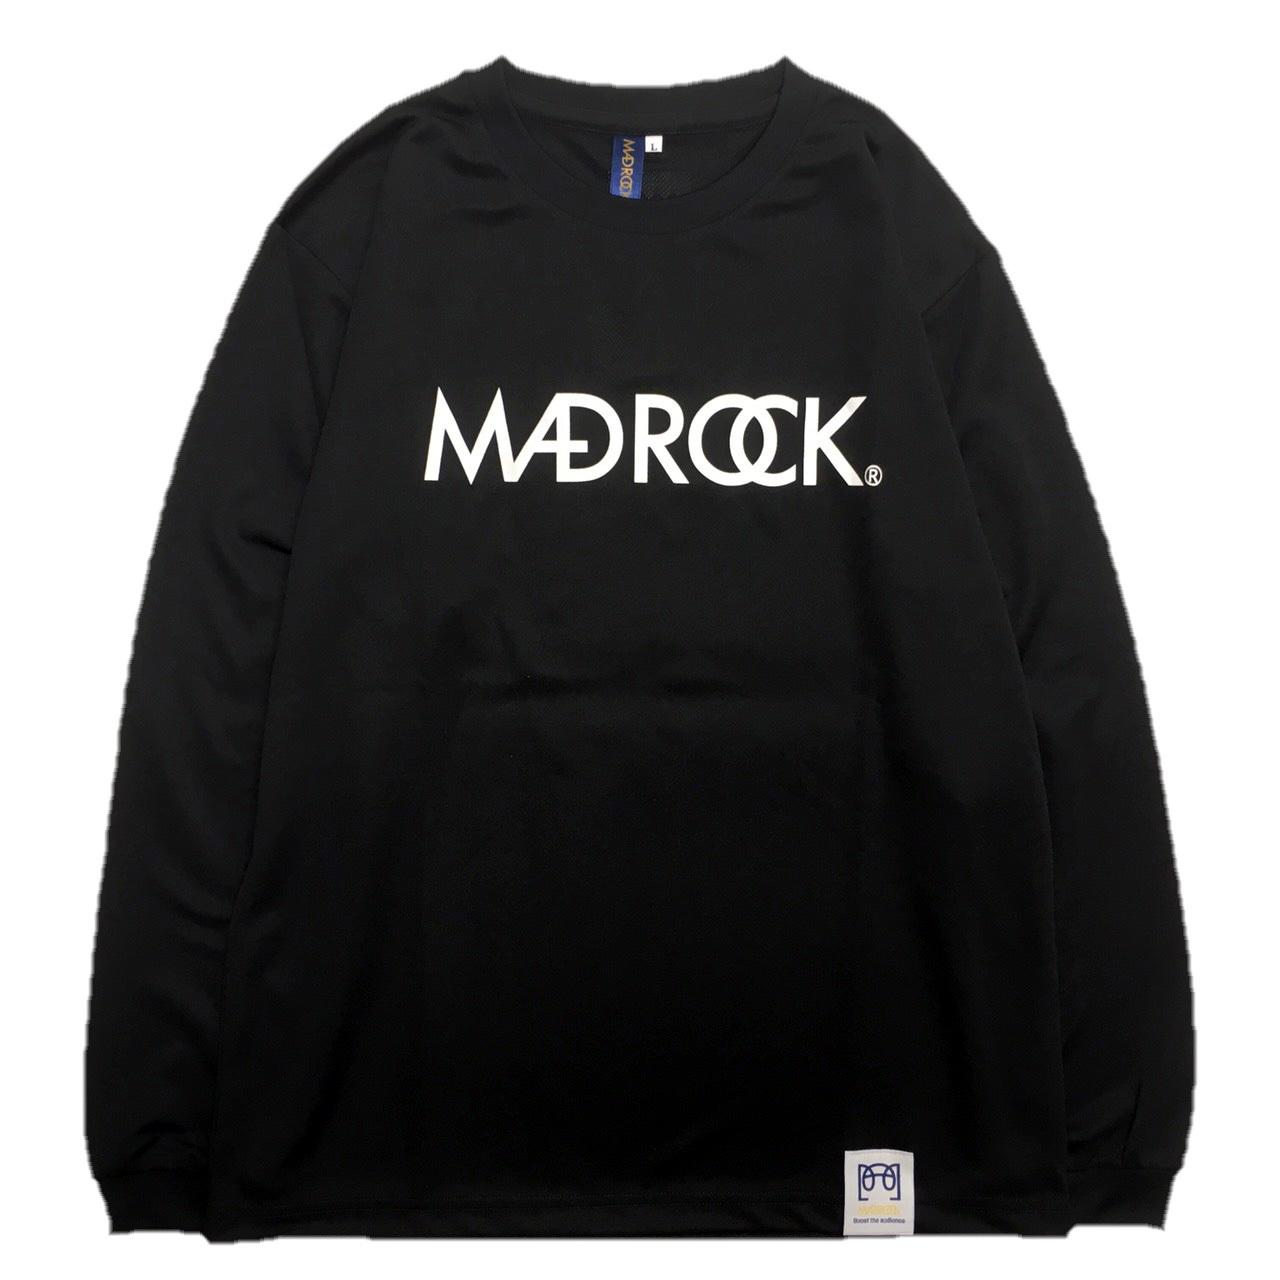 マッドロック / ロゴ ロンT / ドライタイプ / ブラック&ホワイト